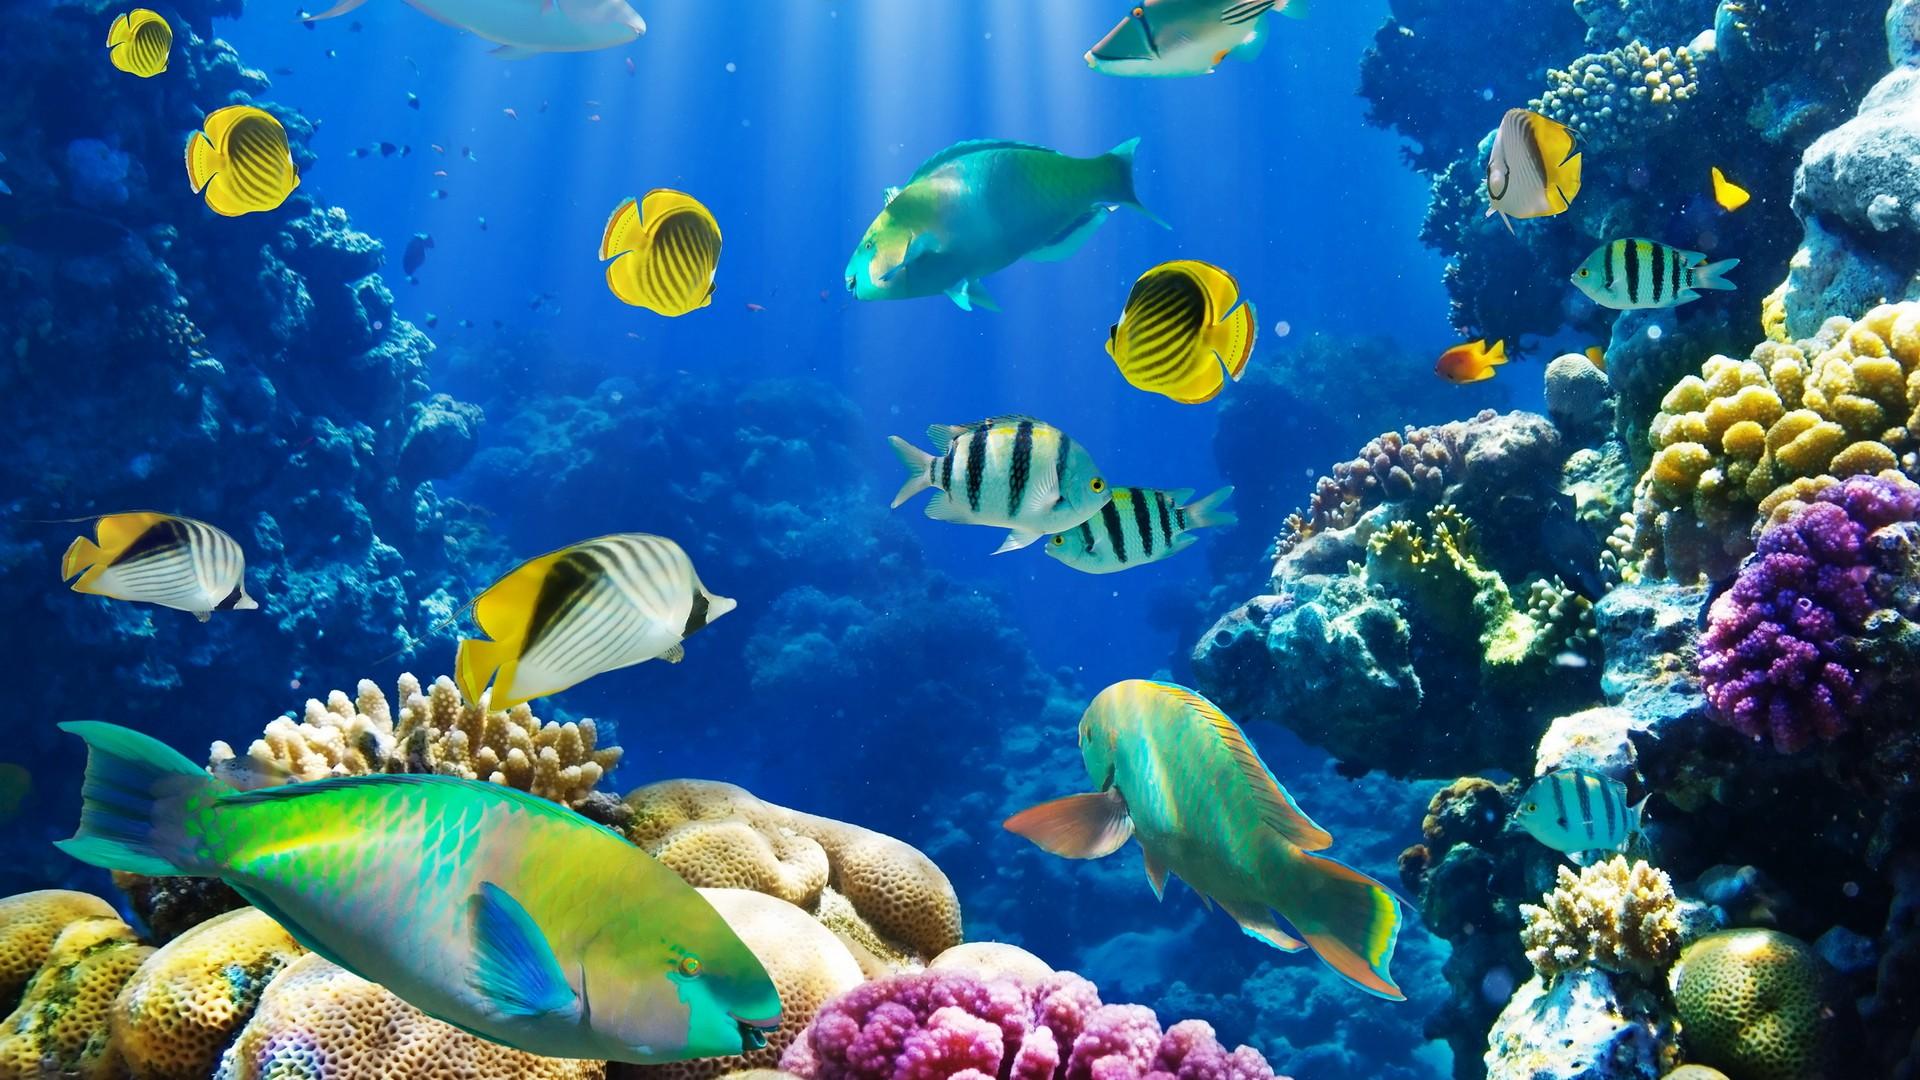 Living aquarium fish tank - Desktop Live Wallpaper Fish Aquarium Desktop Live Wallpaper Fish Tank